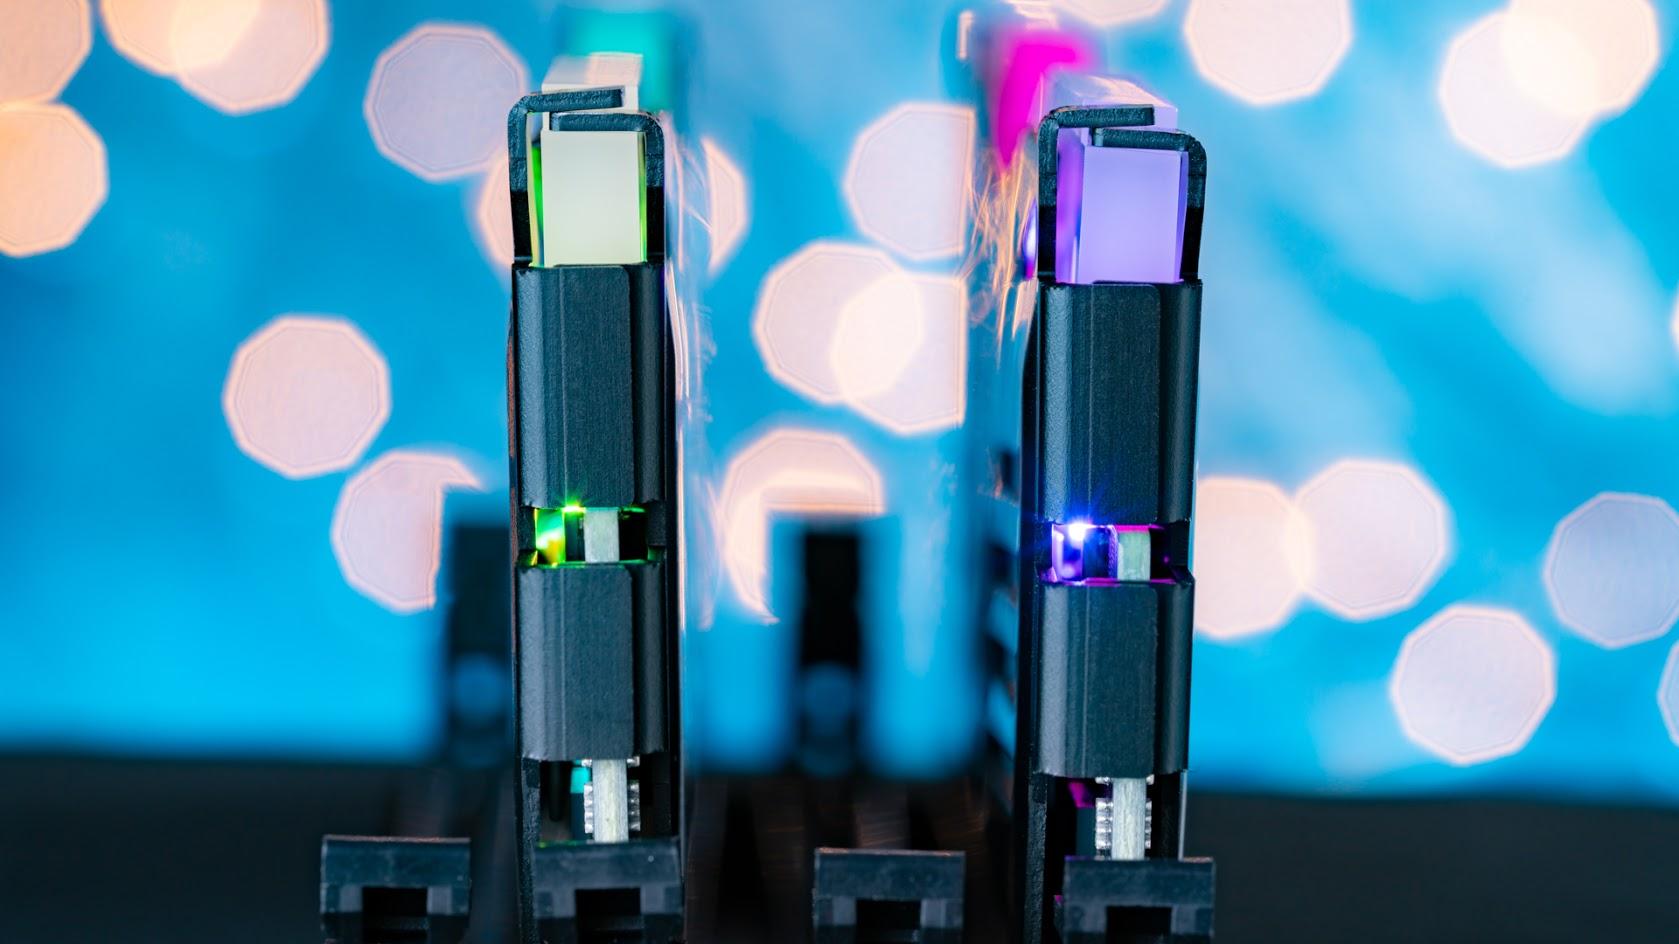 GeIL Super Luce RGB Sync RAM shines bright in AMD boards - Newegg